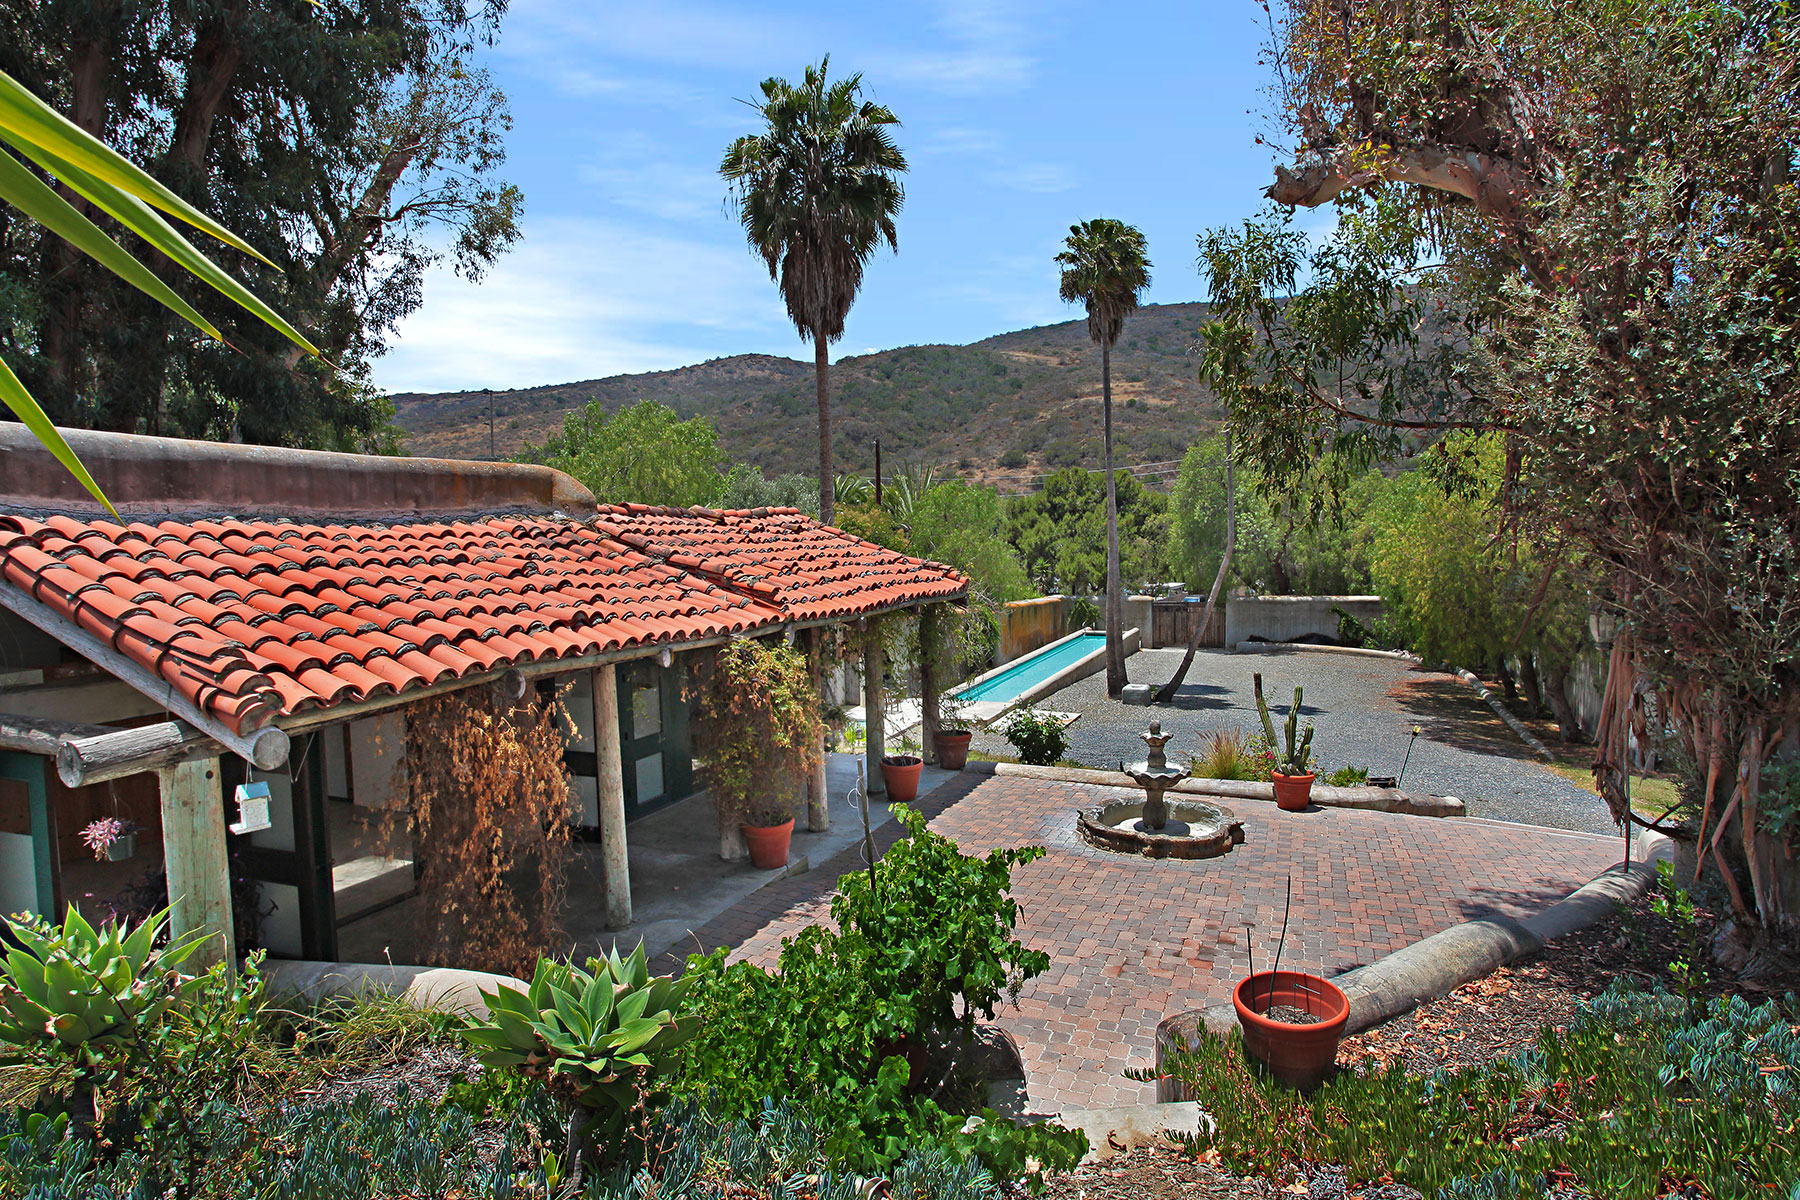 独户住宅 为 销售 在 20482 Sun Valley 拉古纳, 加利福尼亚州, 92651 美国